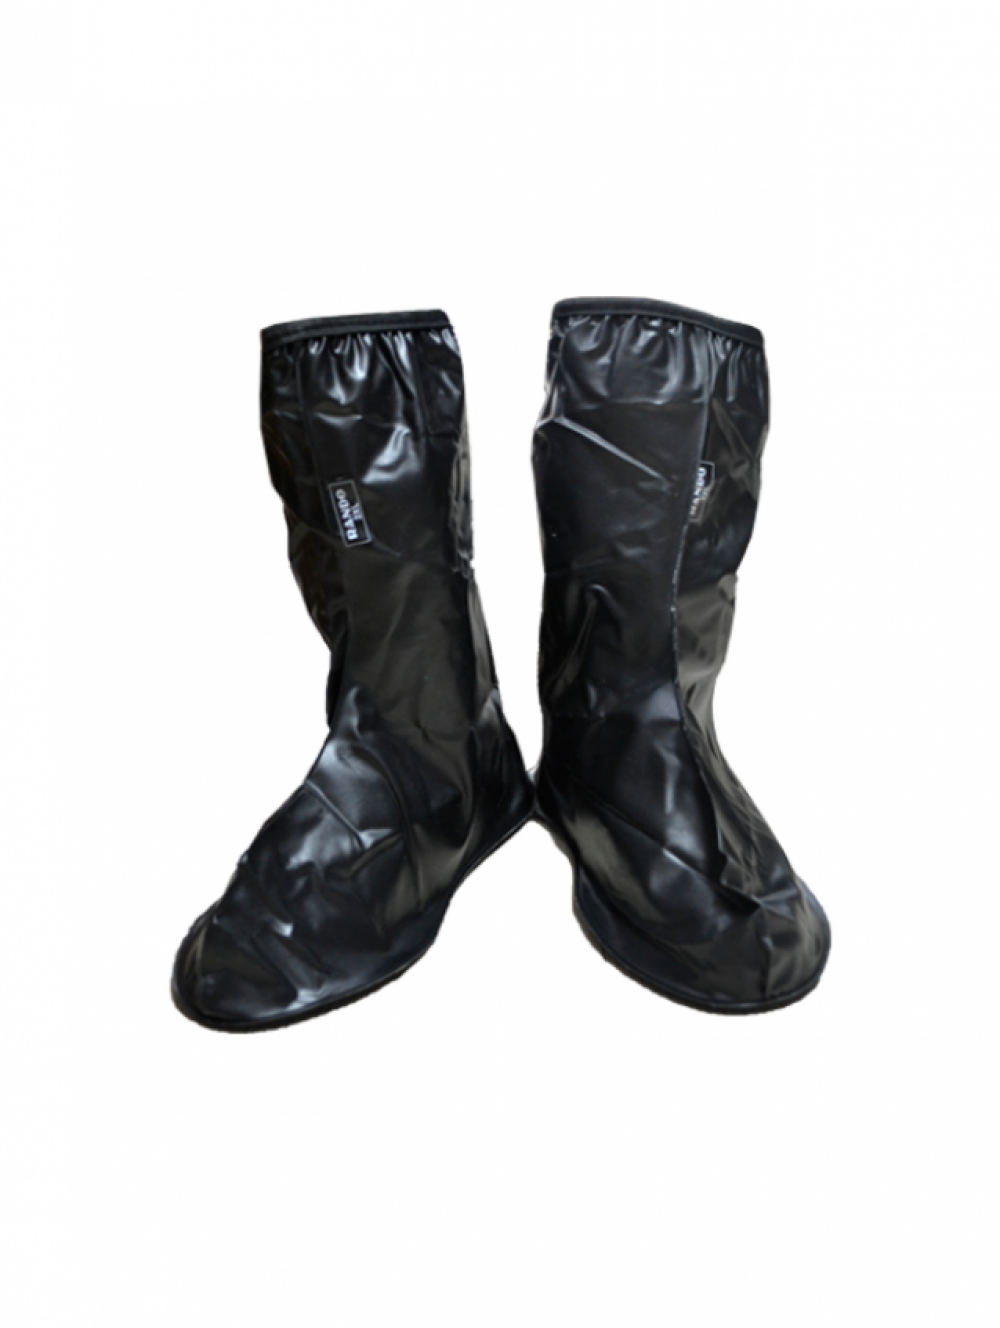 SẢN PHẨM KHÁC CỦA RANDO Giày Boots đi mưa